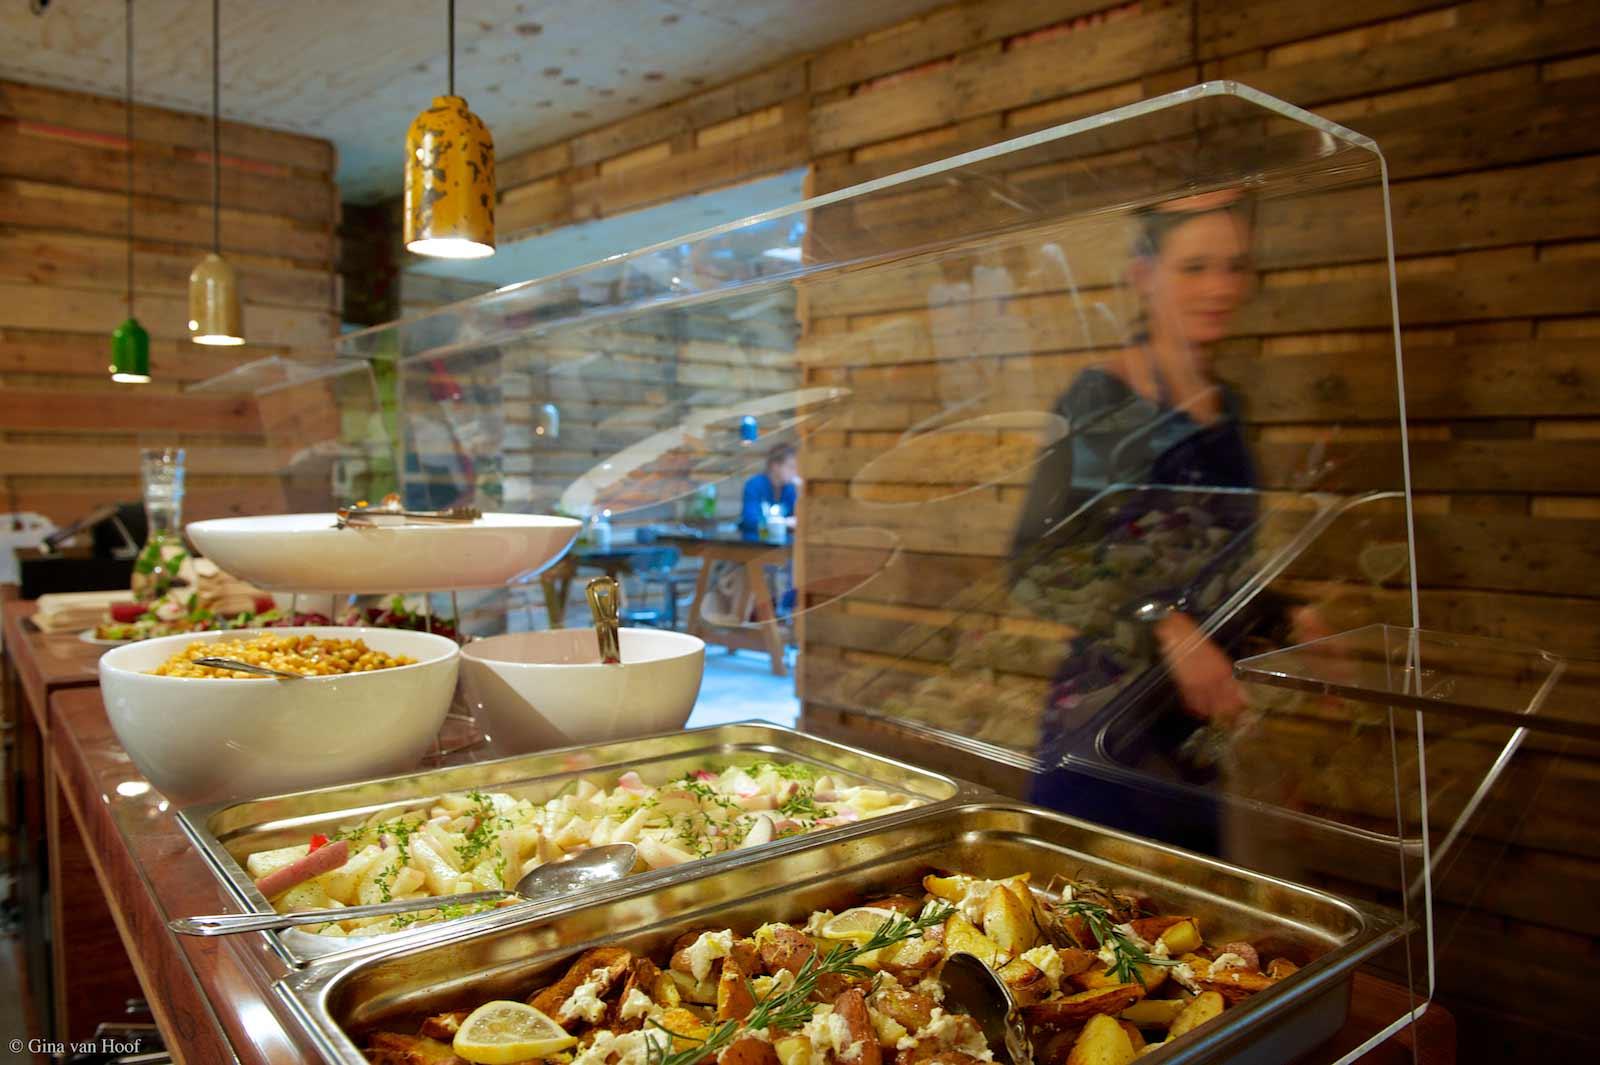 hotel-chelton-henri-et-agnes-food-03.jpg